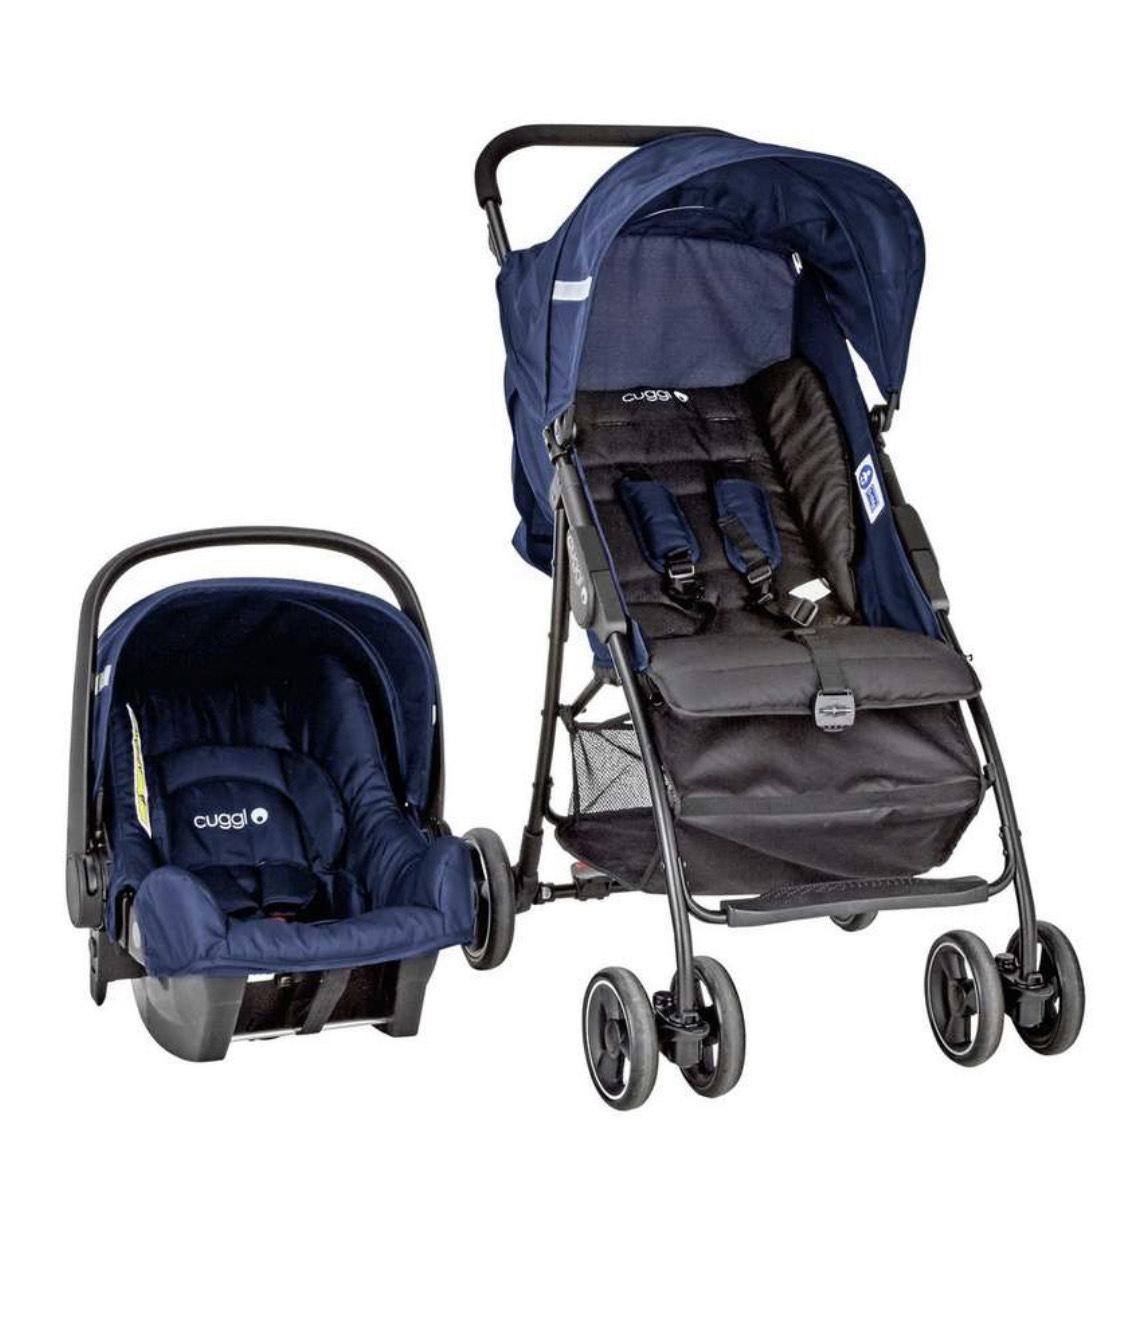 Cuggl Empress Travel System - Car sear & Stroller £19.99 free c&c or £3.95 del @ Argos